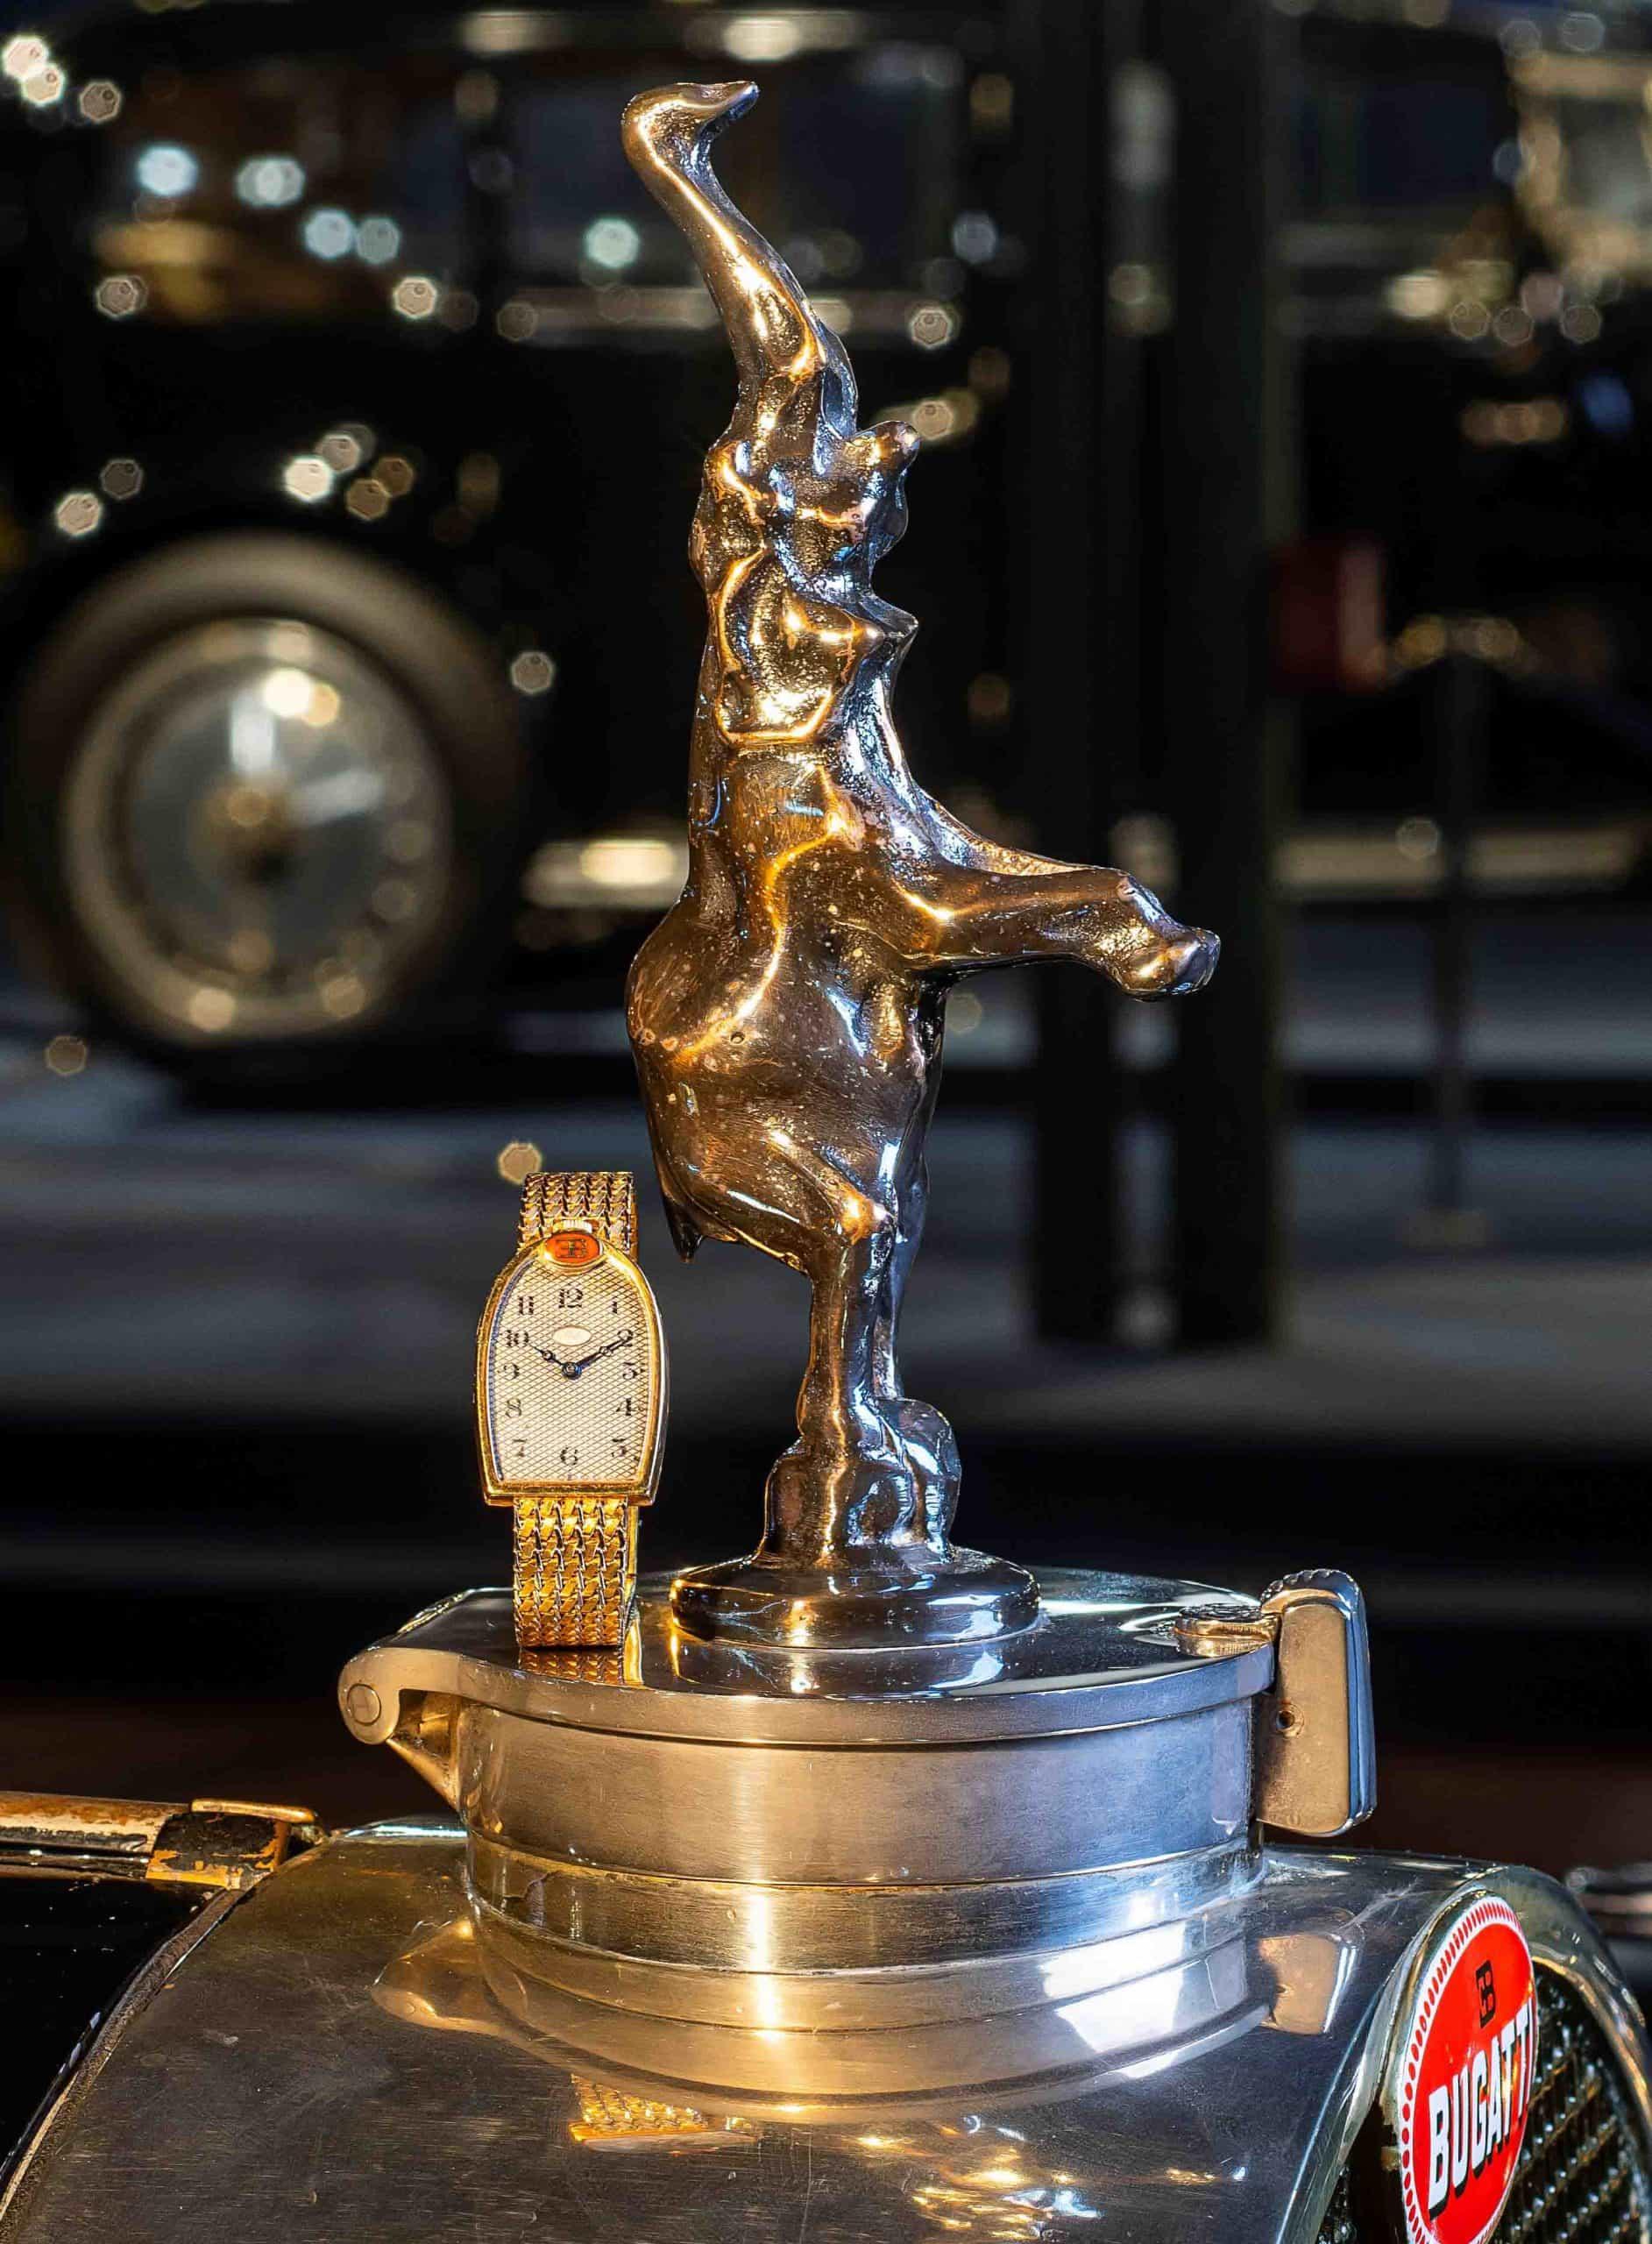 Mido Bugatti – Photographie sur la mascotte – © Vintage Watch S